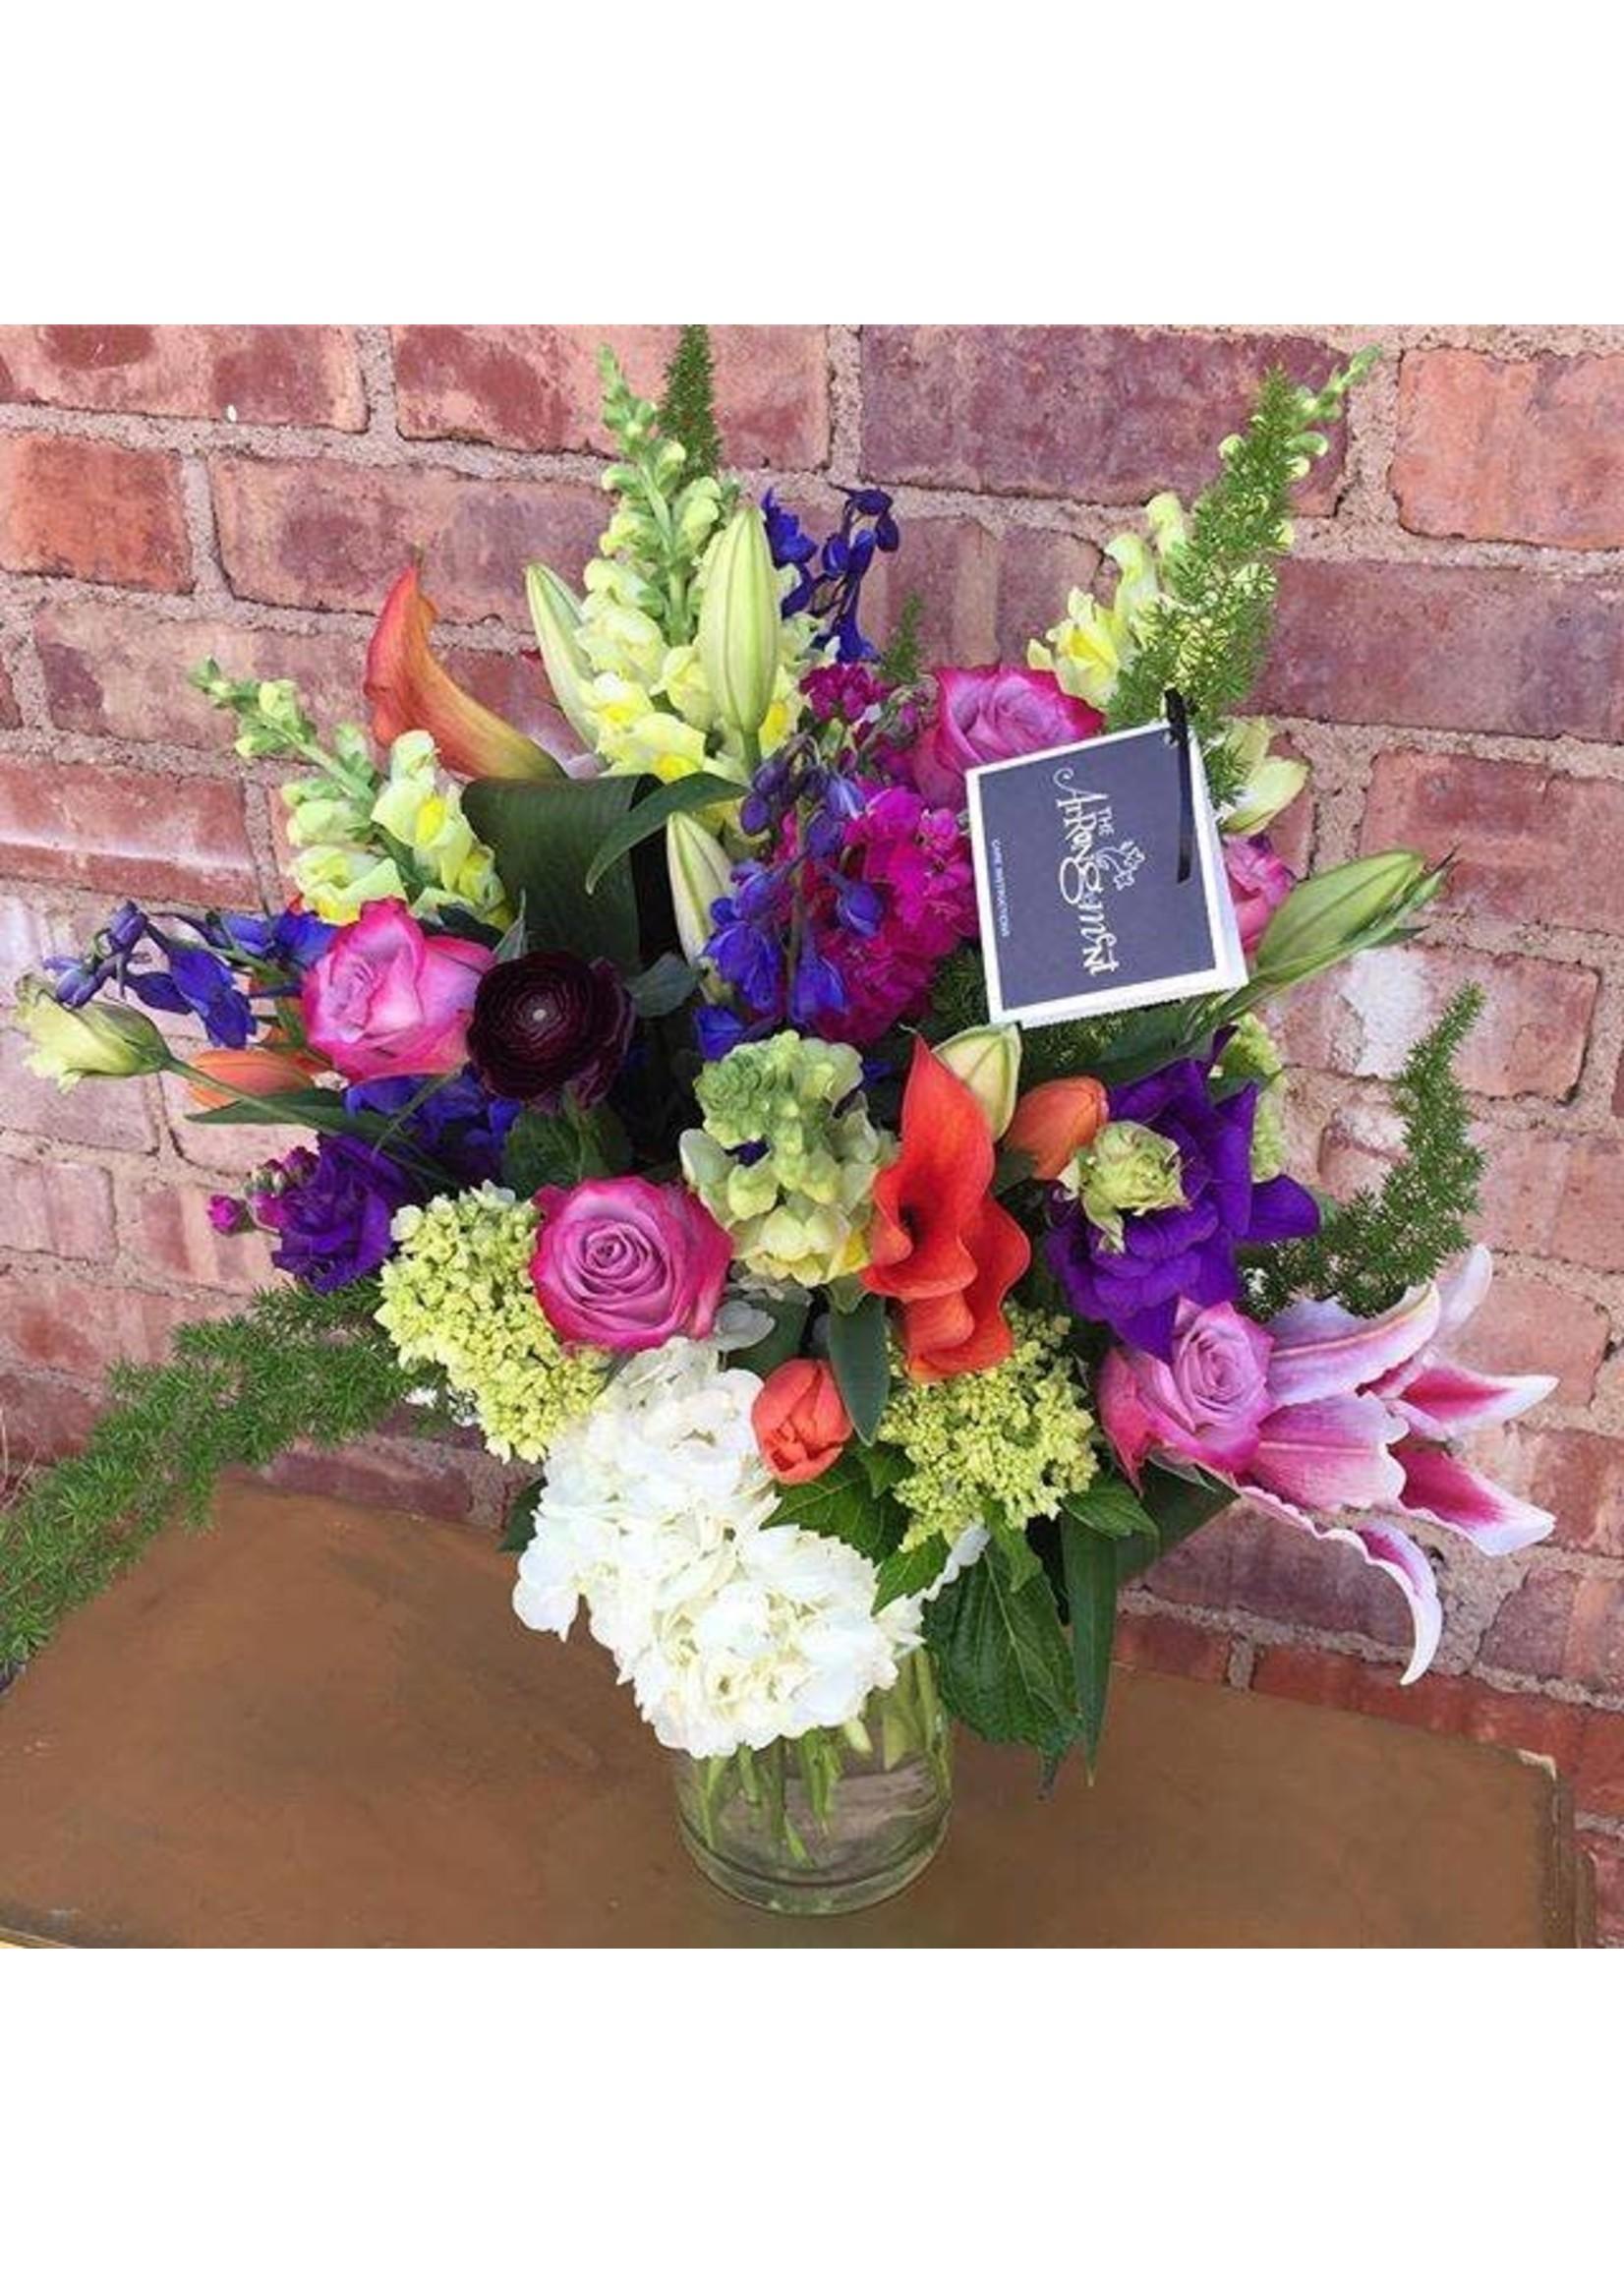 X-Large Luxurious Seasonal Blooms